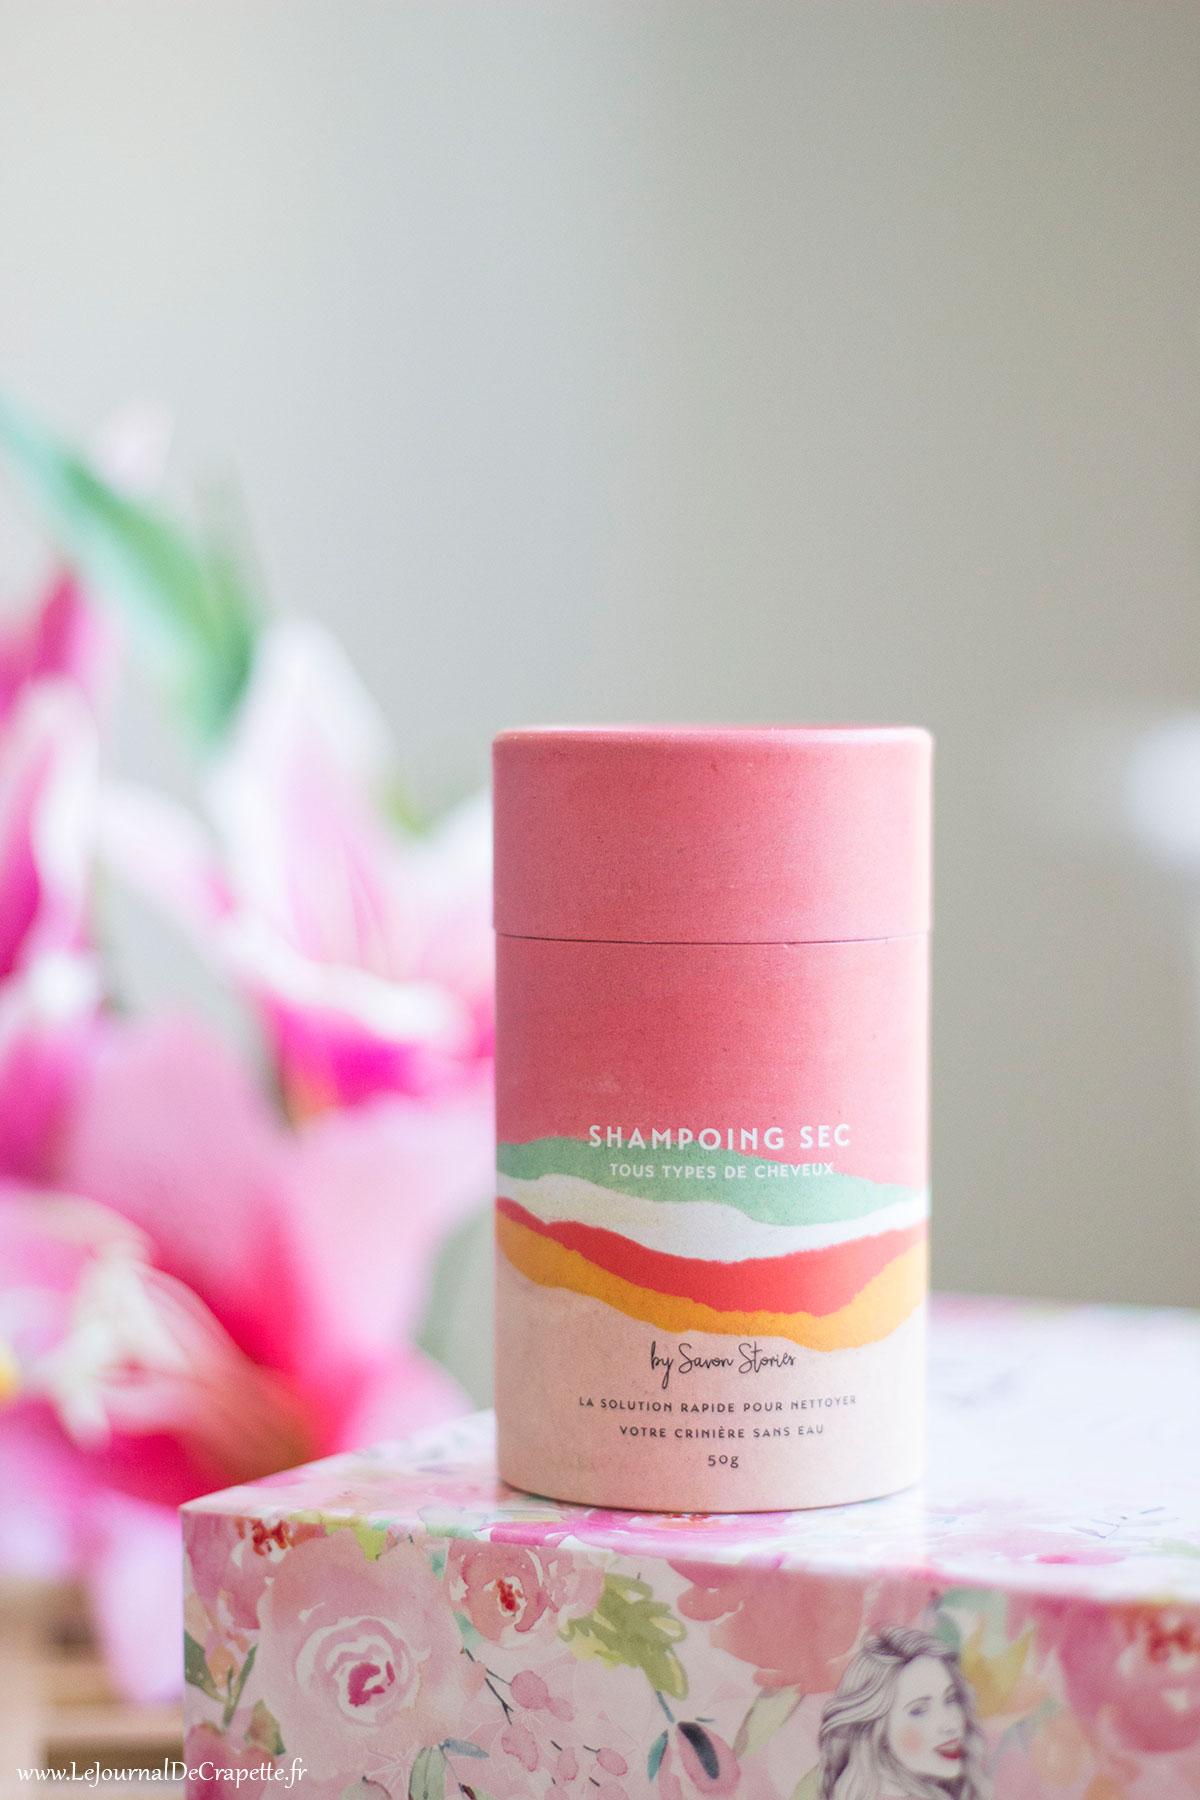 shampoing sec savon stories